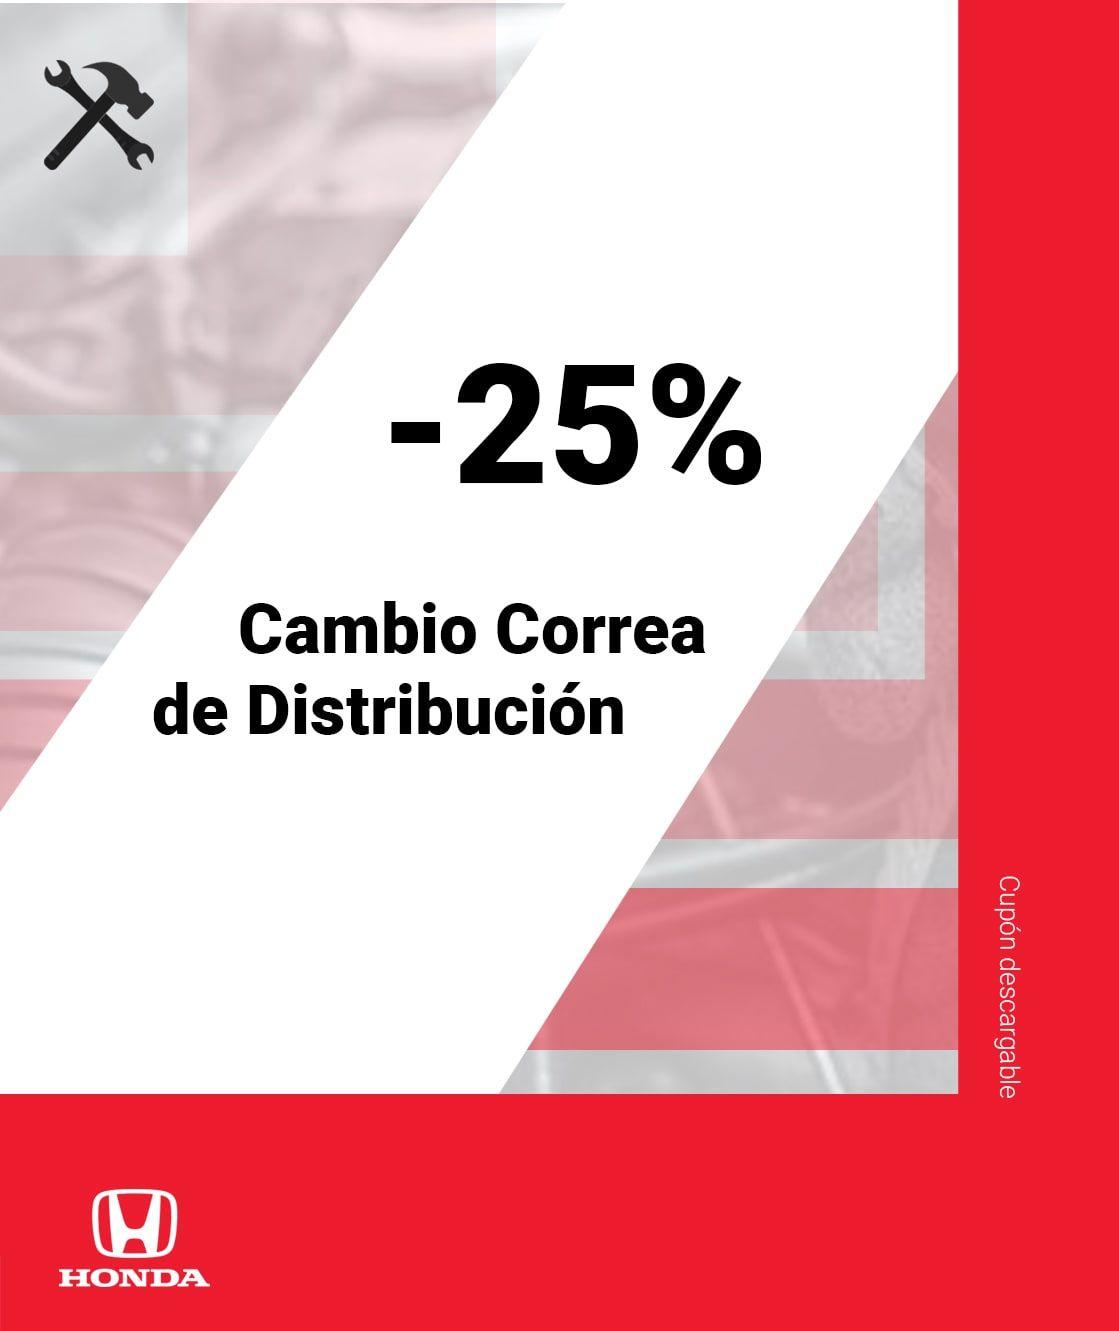 ¡CAMBIO CORREA DISTRIBUCIÓN 25% DTO!